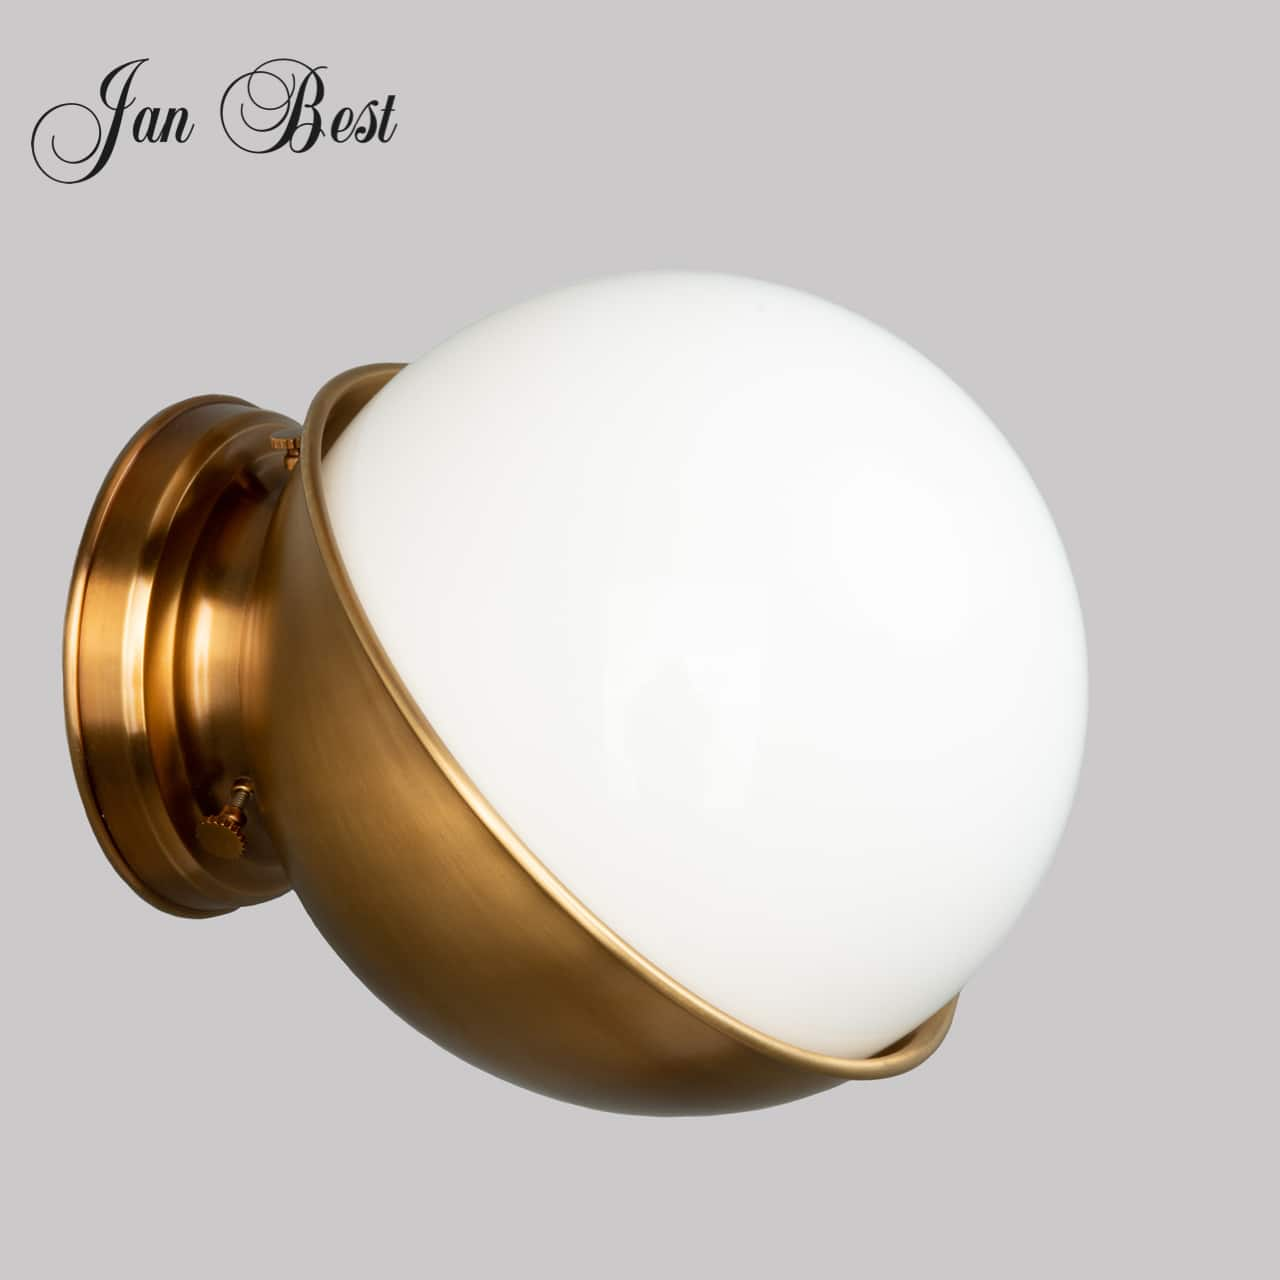 Jan-Best-wandlamp-messing-brons-nostalgische-klassieke-landelijke-horeca-verlichting-aalsmeer